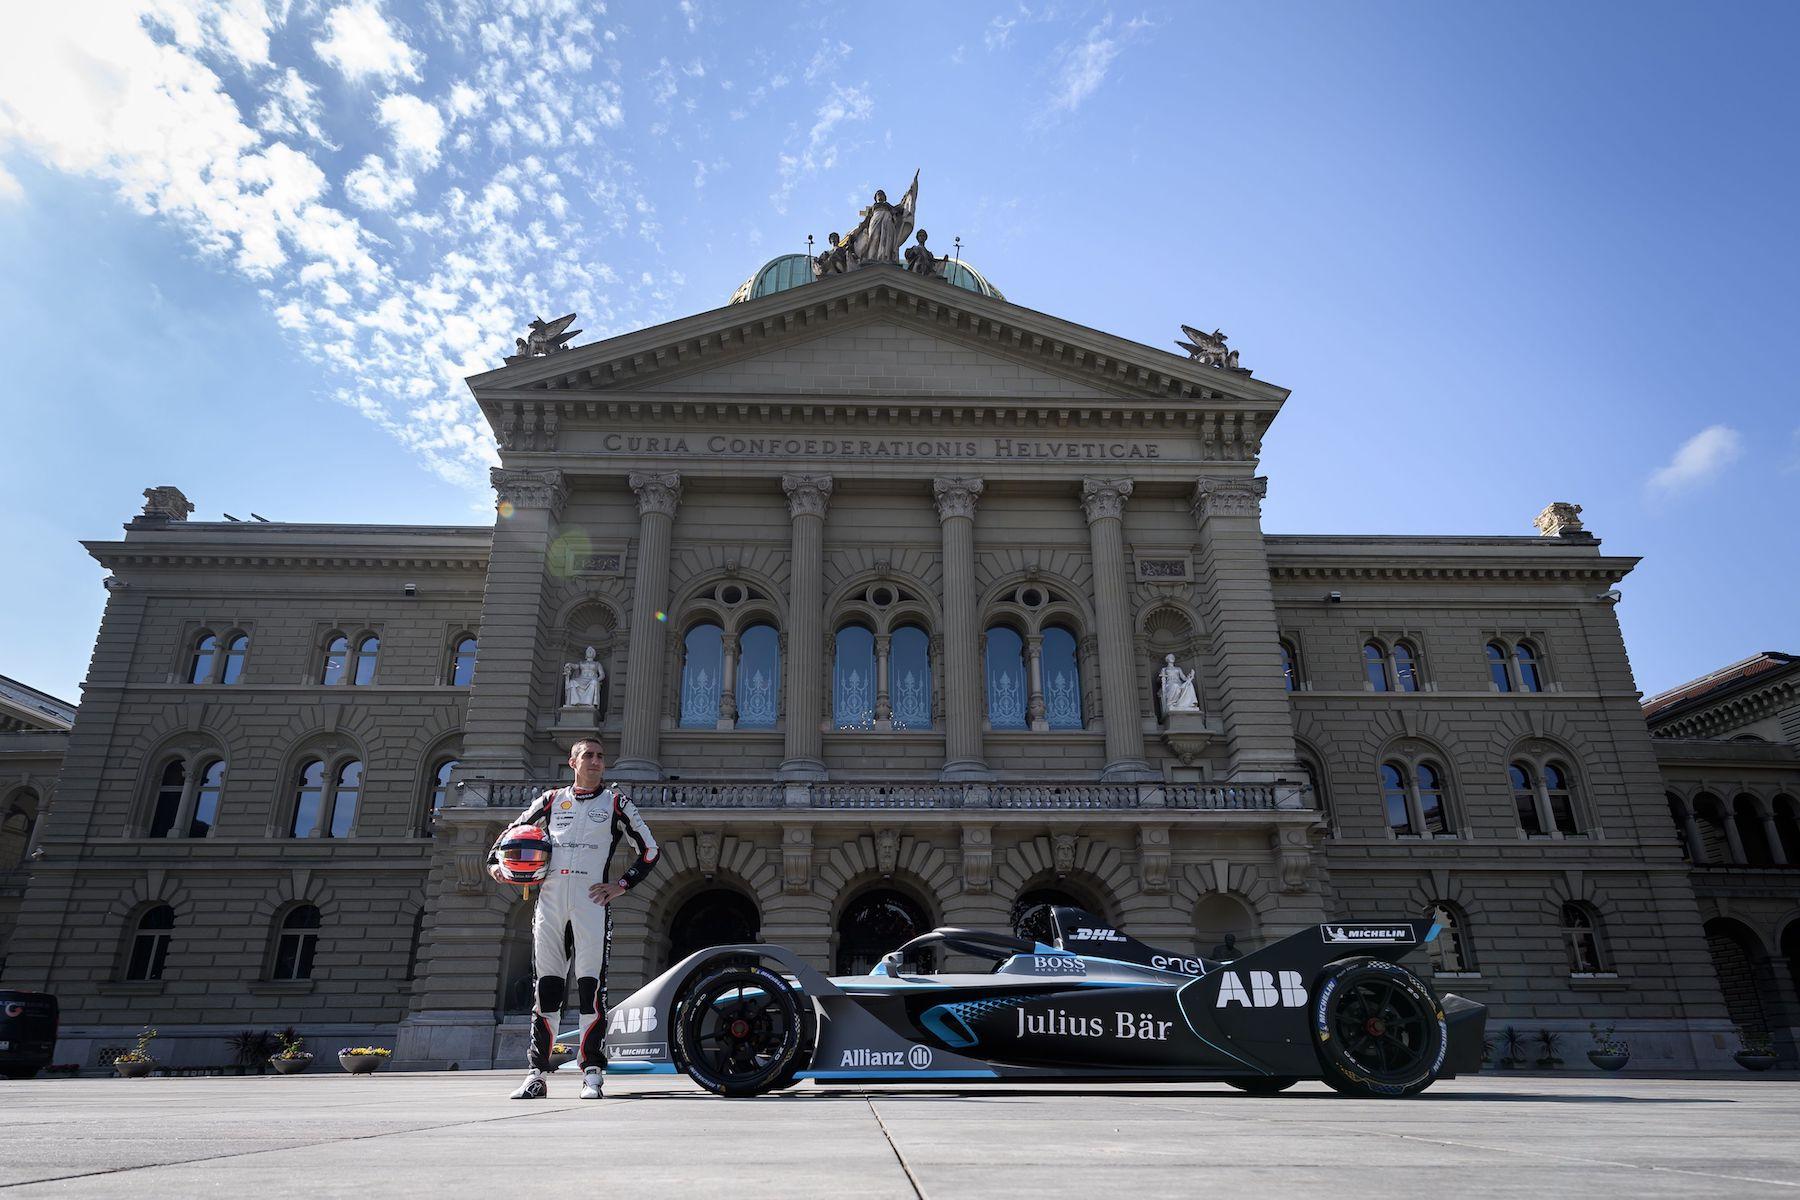 Lo svizzero Sébastien Buemi (qui davanti al Palazzo federale) corre a Berna per la scuderia Nissan. (Keystone/Anthony Anex)